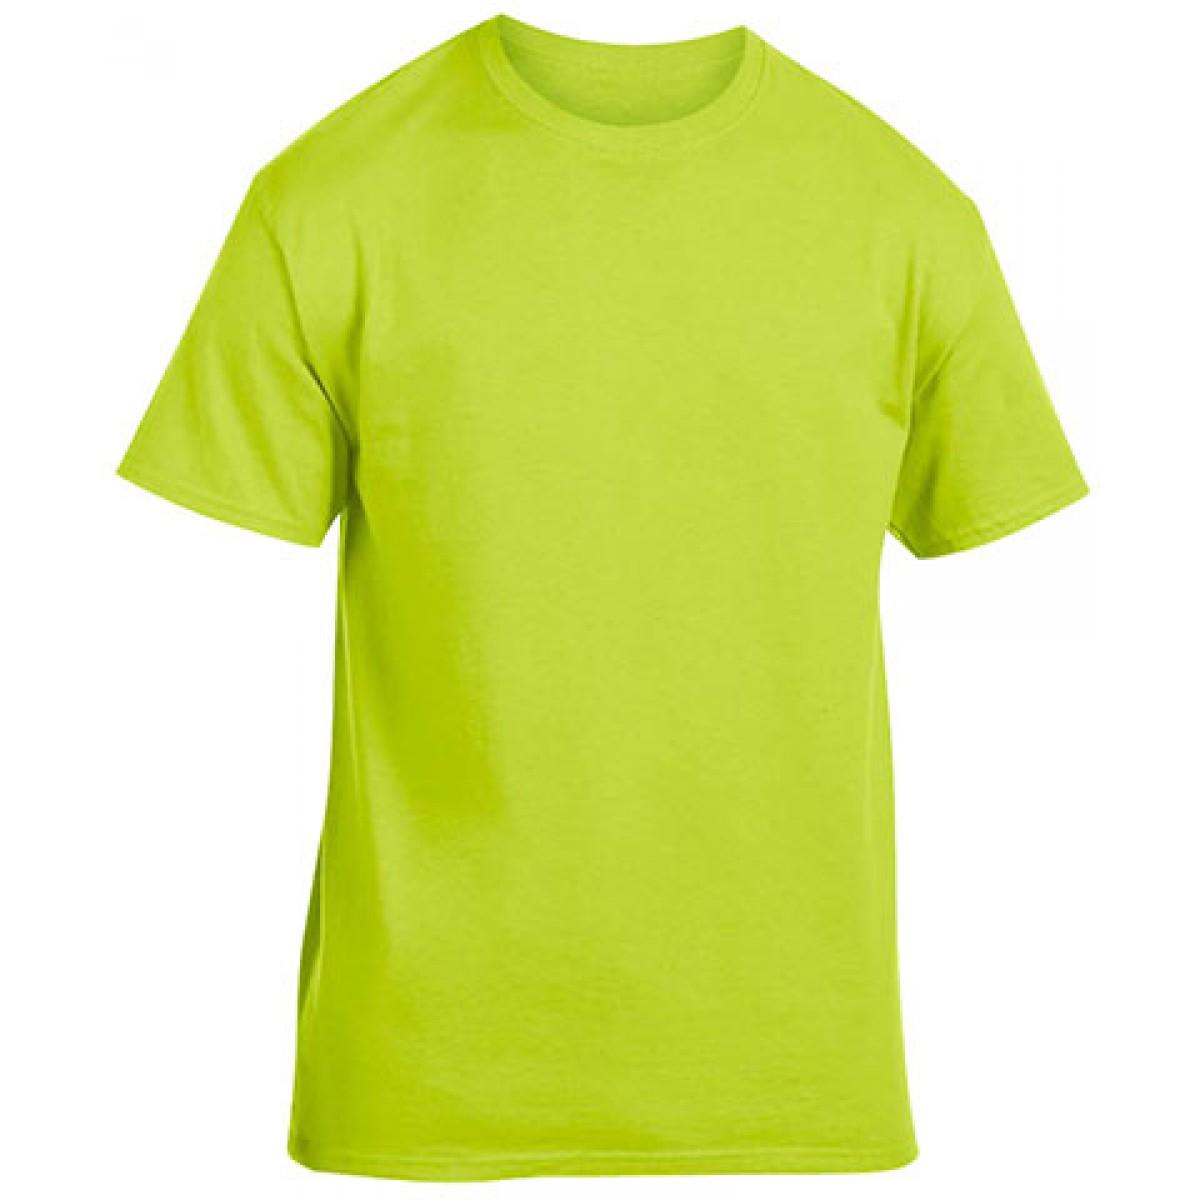 Cotton Short Sleeve T-Shirt-Safety Green-3XL